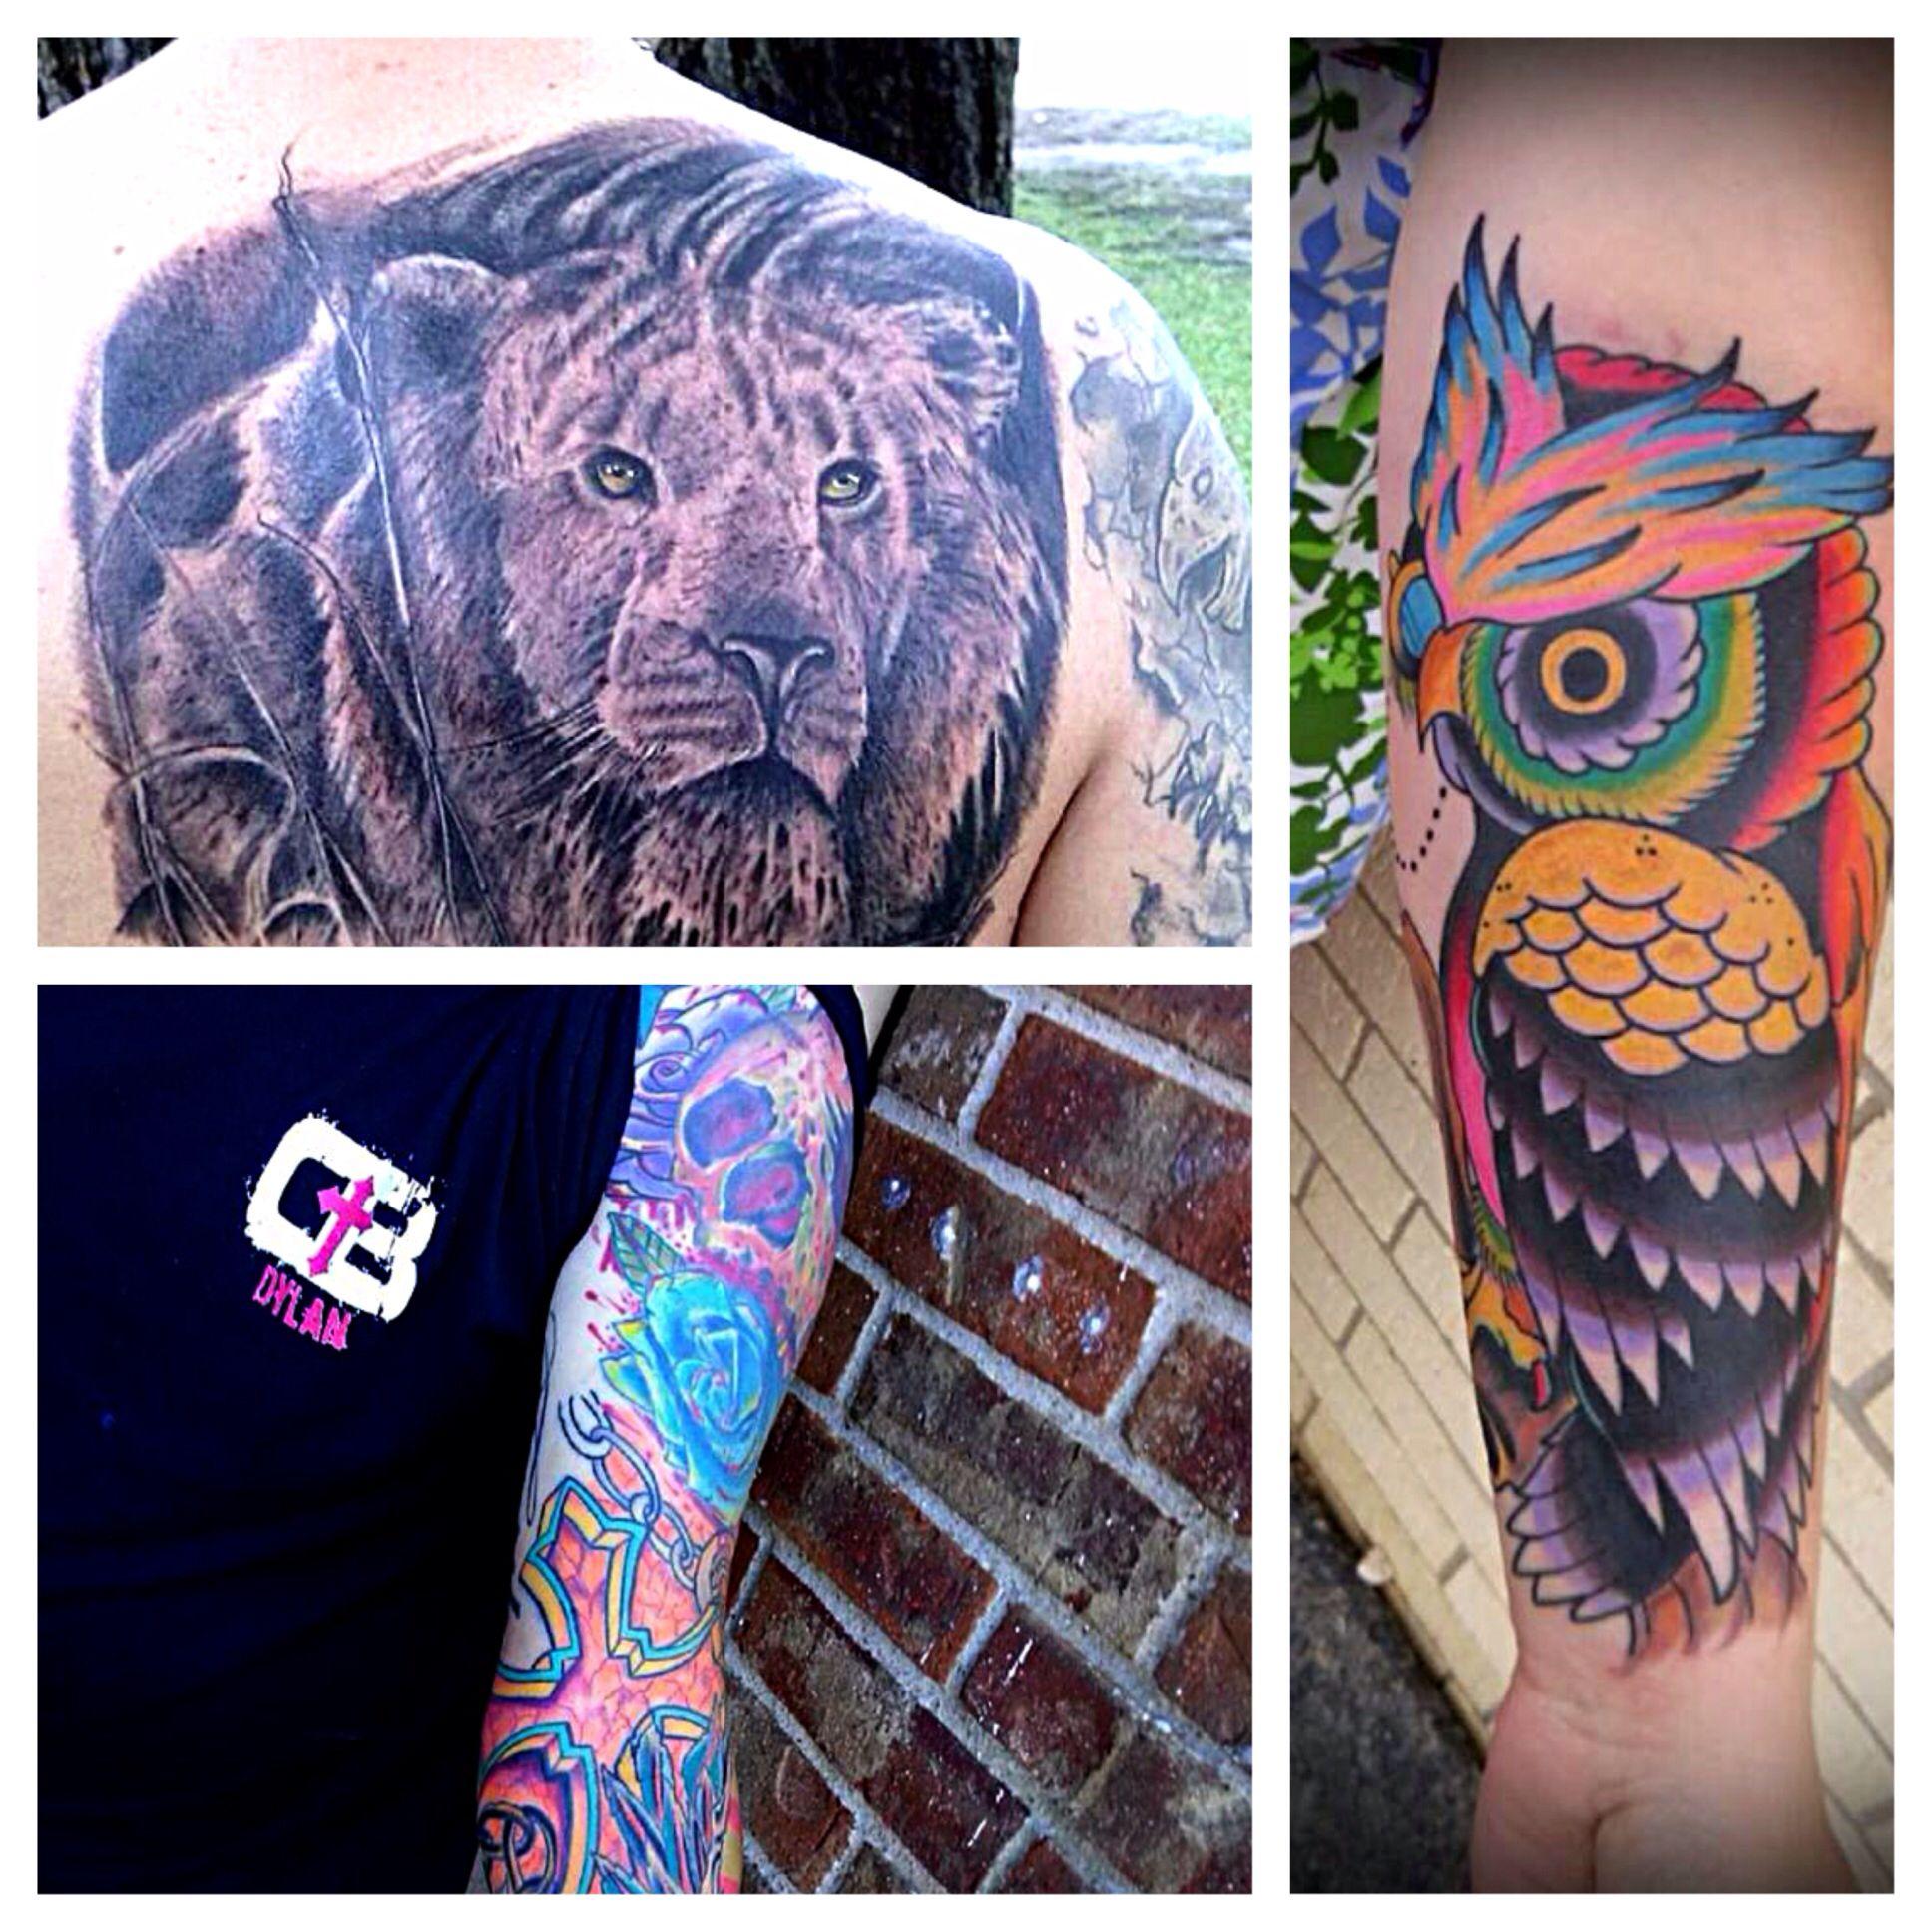 Blake thomas epic 13 houston texas animal tattoo